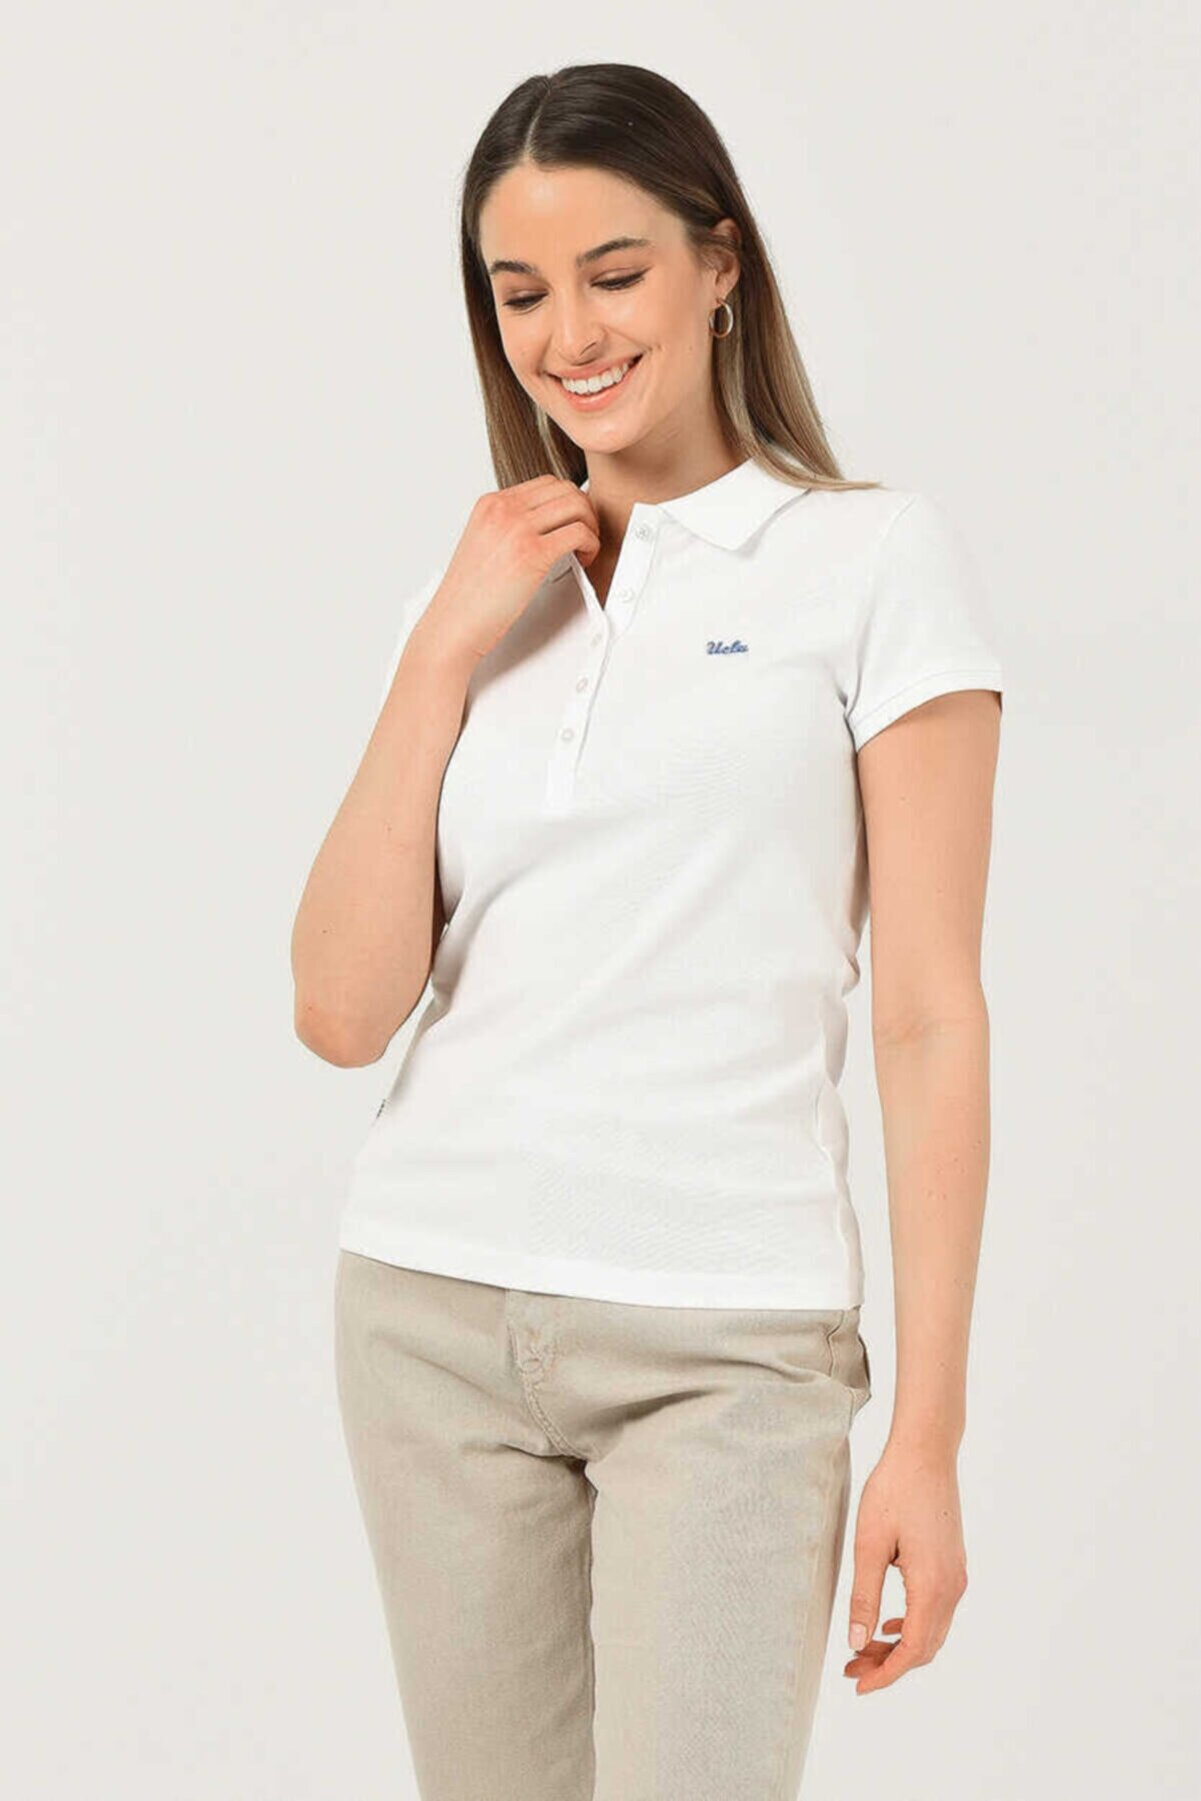 Ucla Shaver Beyaz Polo Yaka Nakışlı Kadın Tshirt